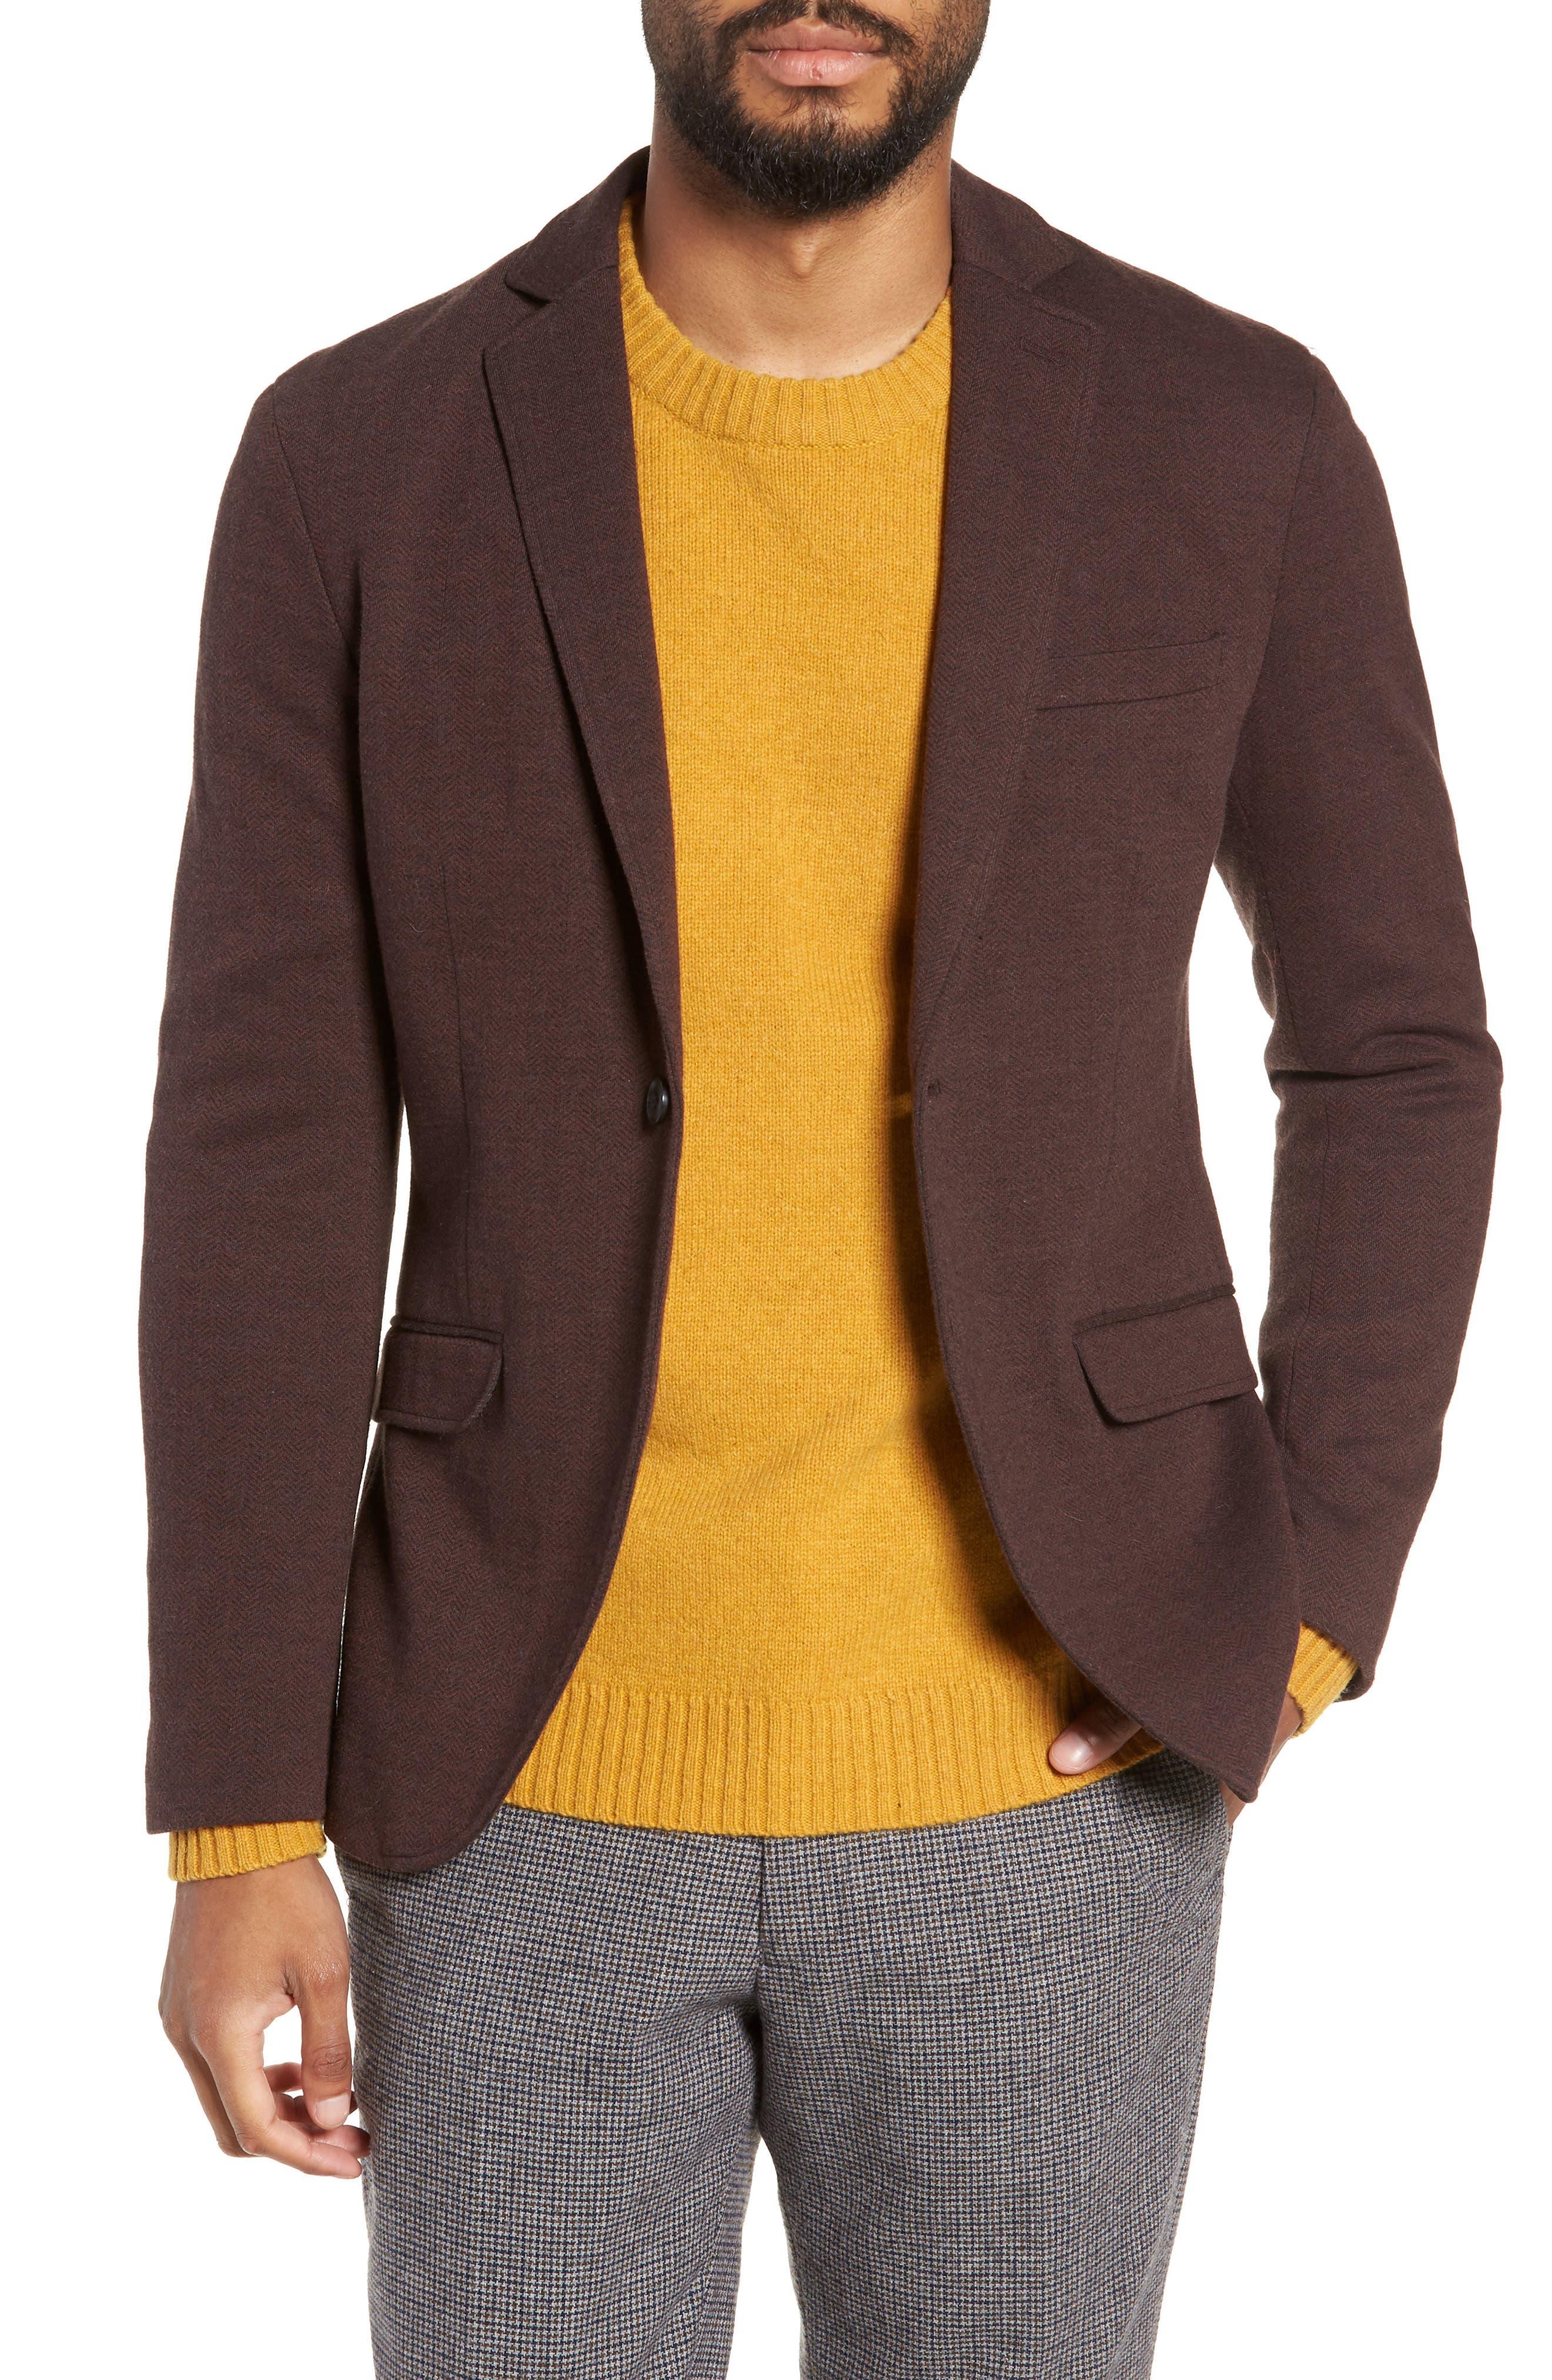 Herrold Slim Fit Herringbone Jersey Sport Coat,                         Main,                         color, 205